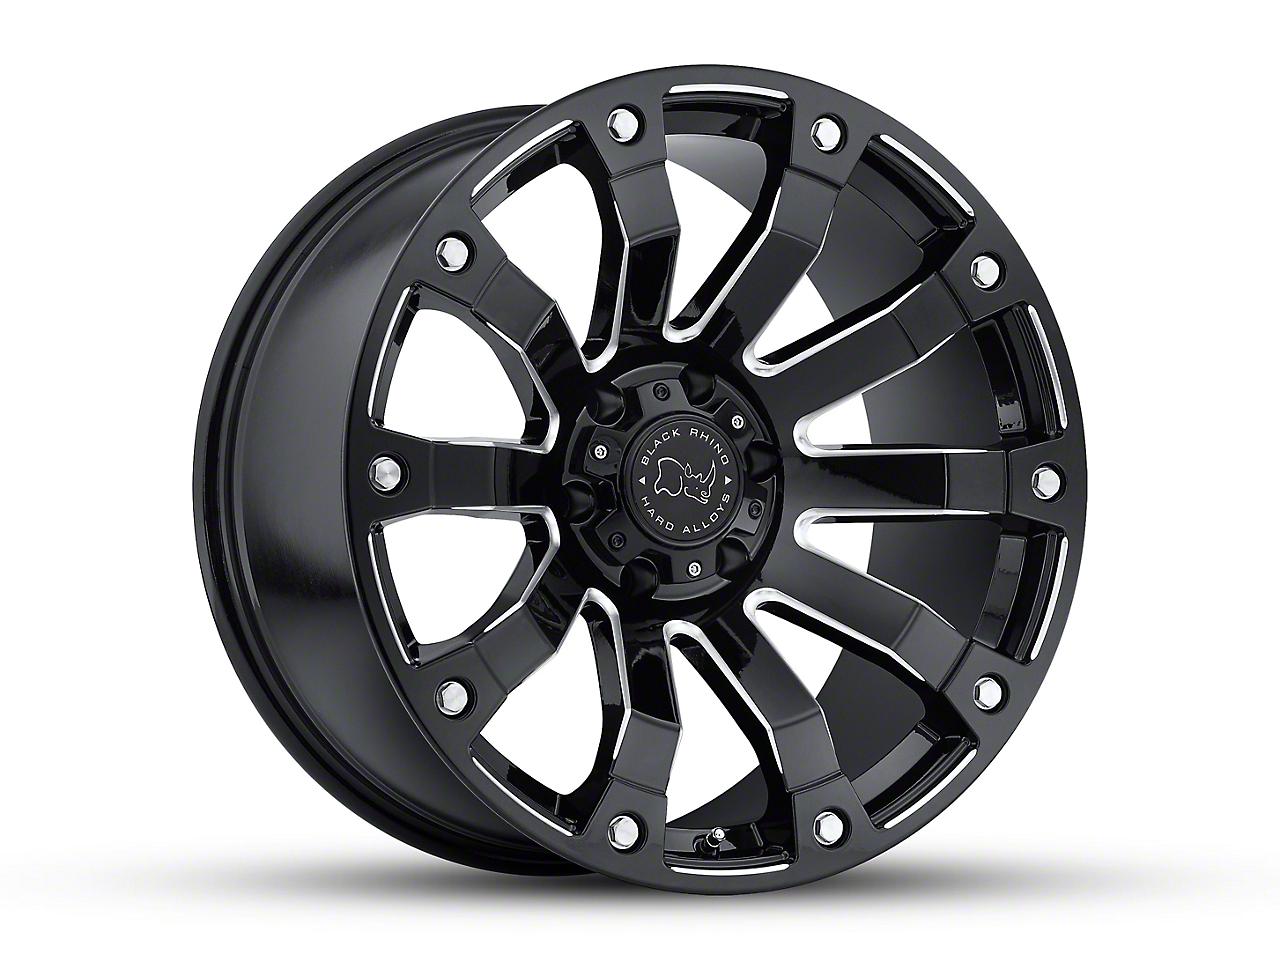 Black Rhino Selkirk Gloss Black Milled Wheels (07-18 Wrangler JK; 2018 Wrangler JL)